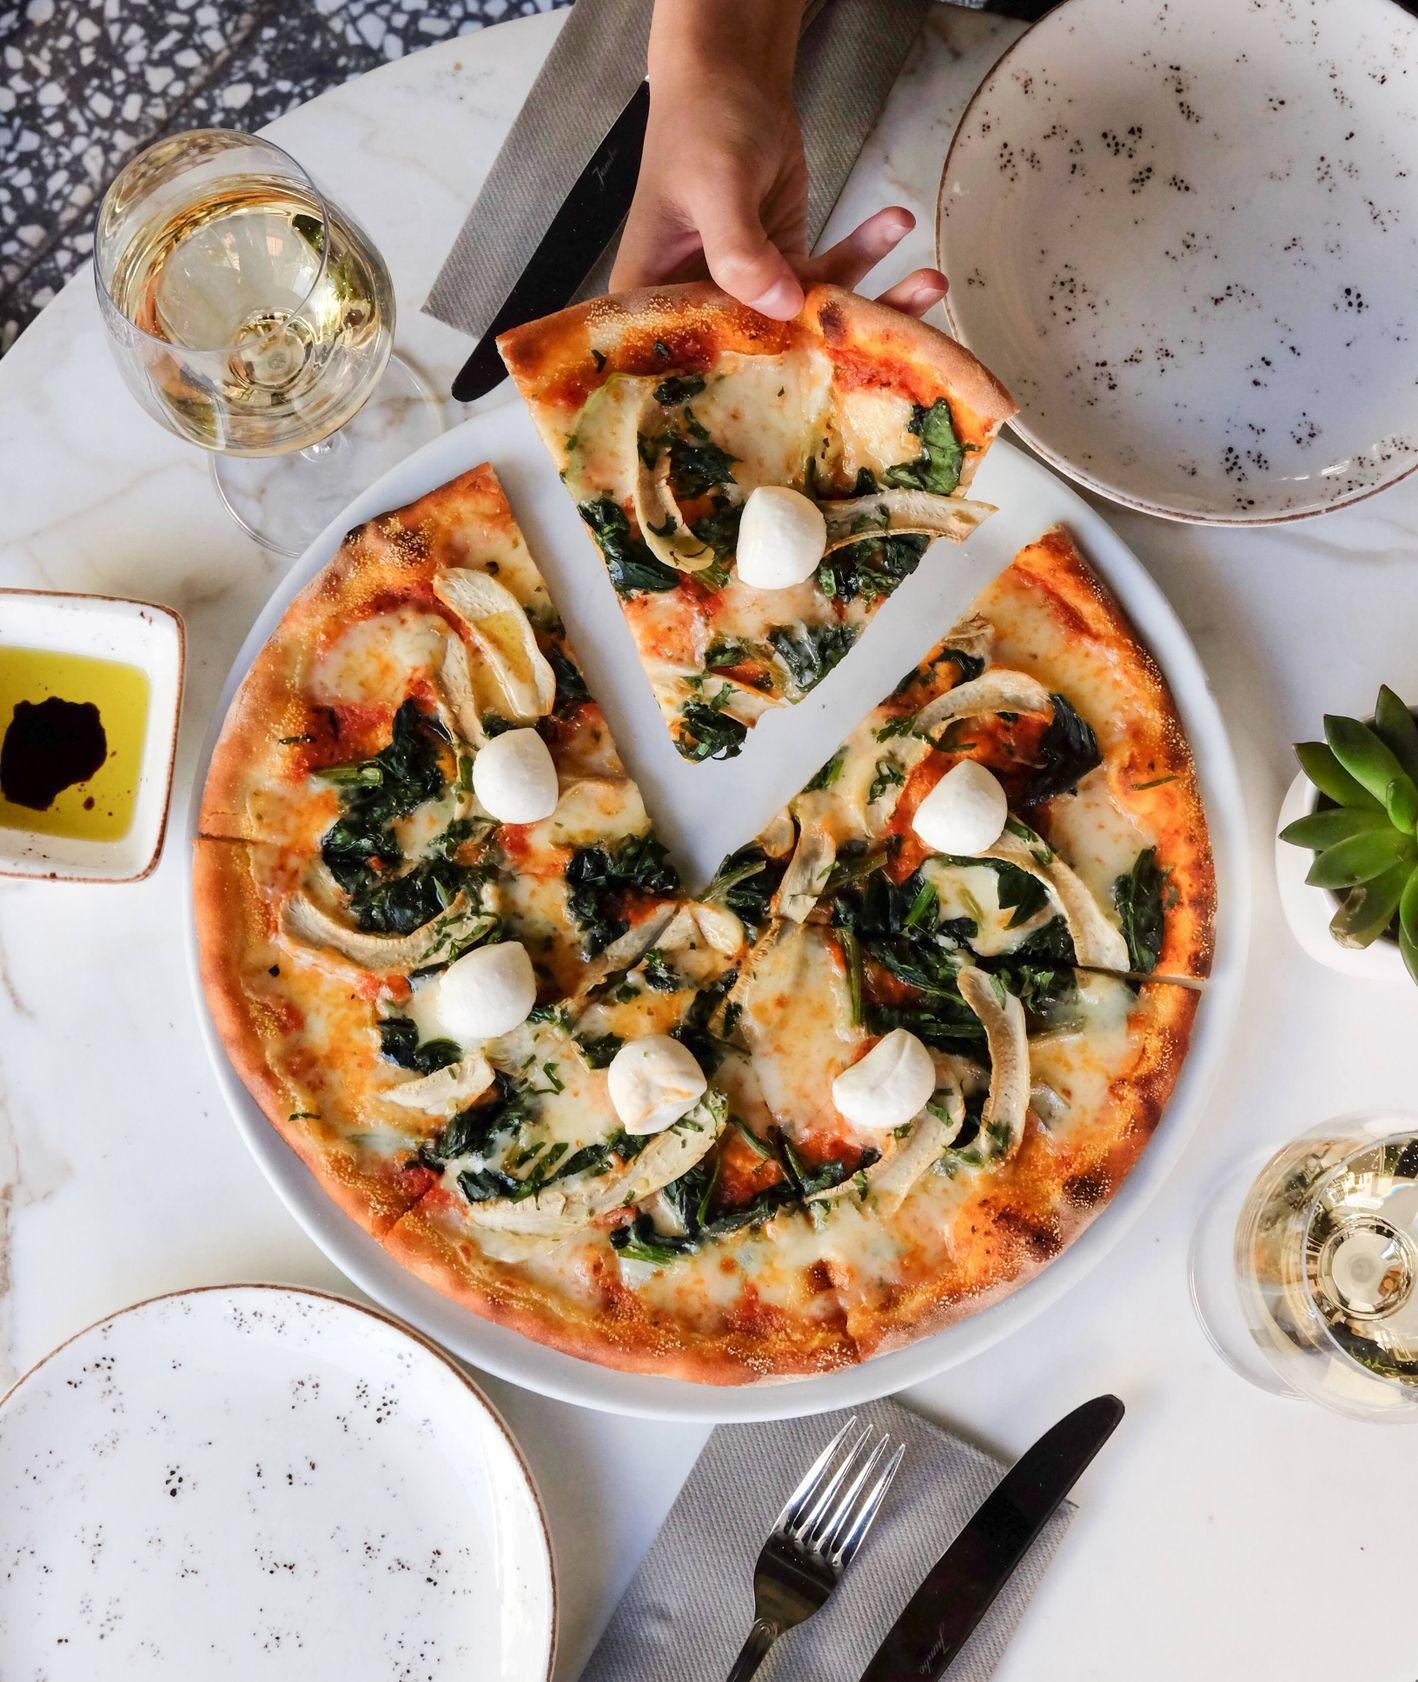 Gdzie zjeść najlepszą pizzę w Katowicach? (fot. Pinar Kucuk / unsplash.com)